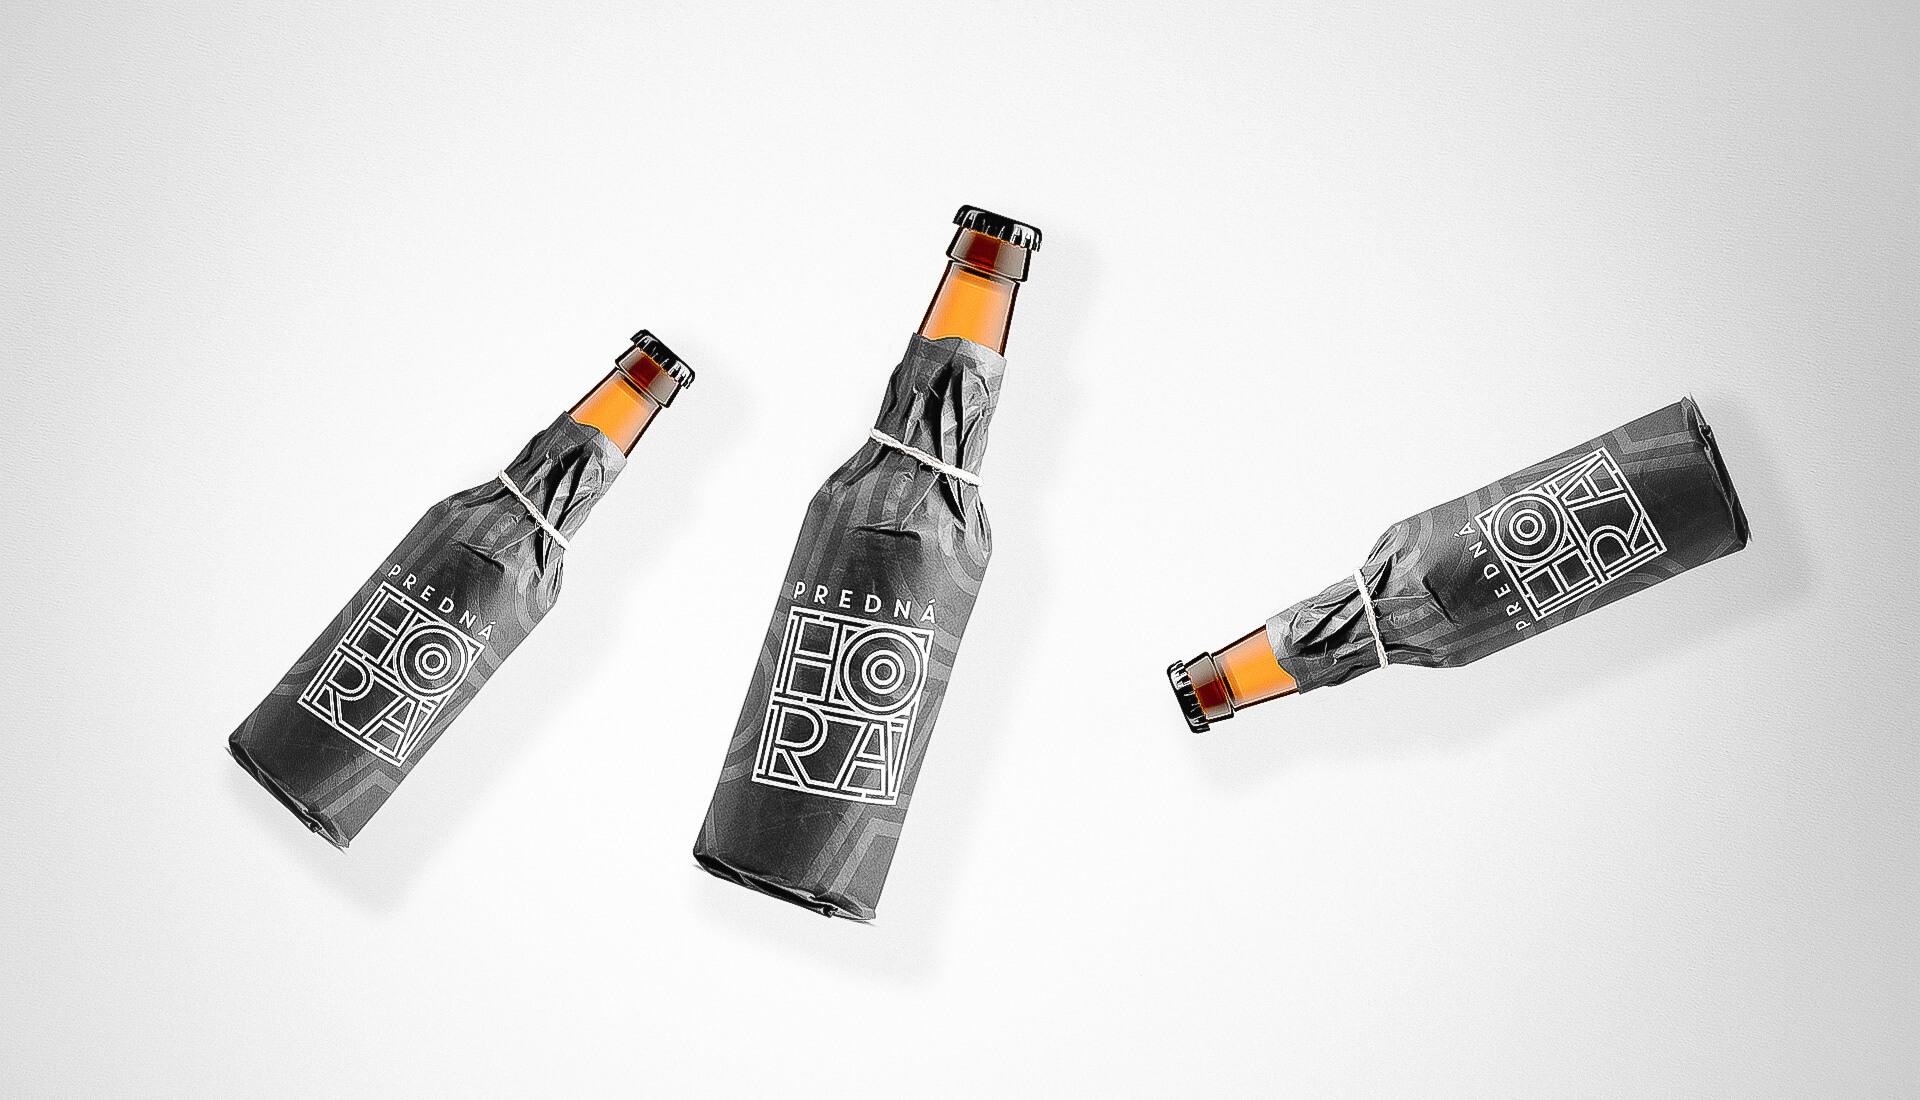 Beer label packaging design craft beer gift bottle wrap Predná Hora 2